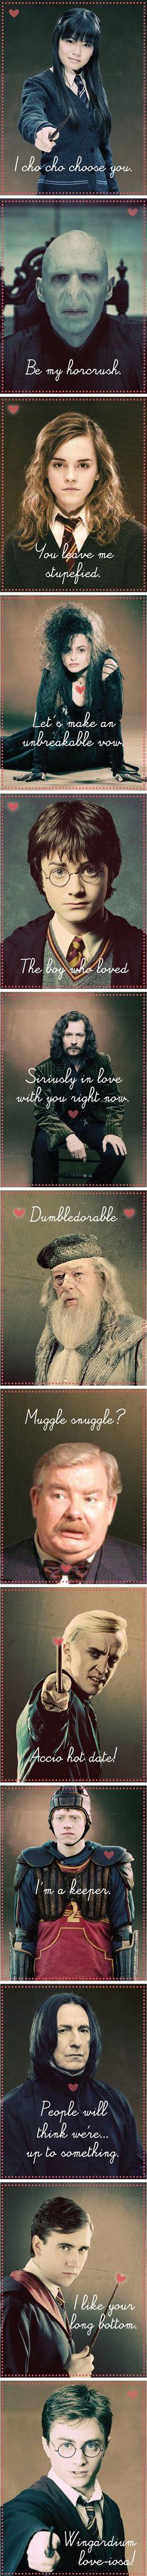 Haha, Harry Potter valentines!